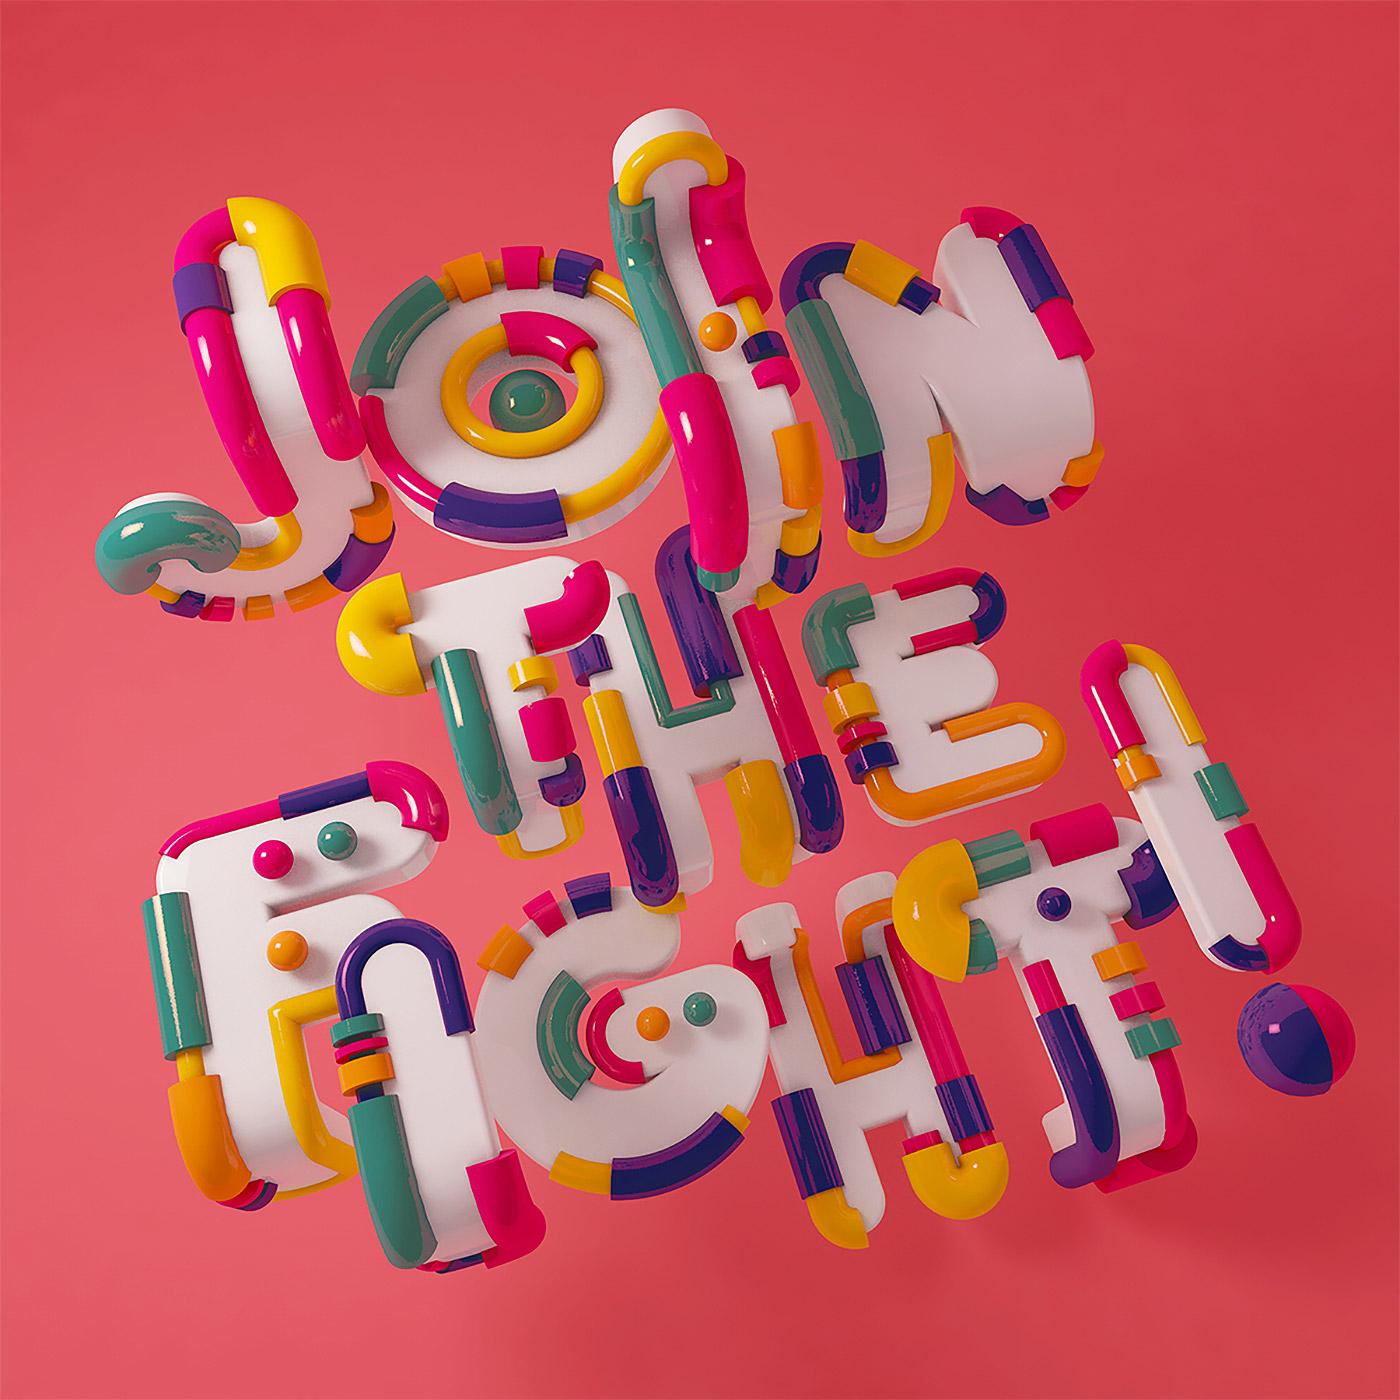 typography-carlo-cadenas-02.jpg